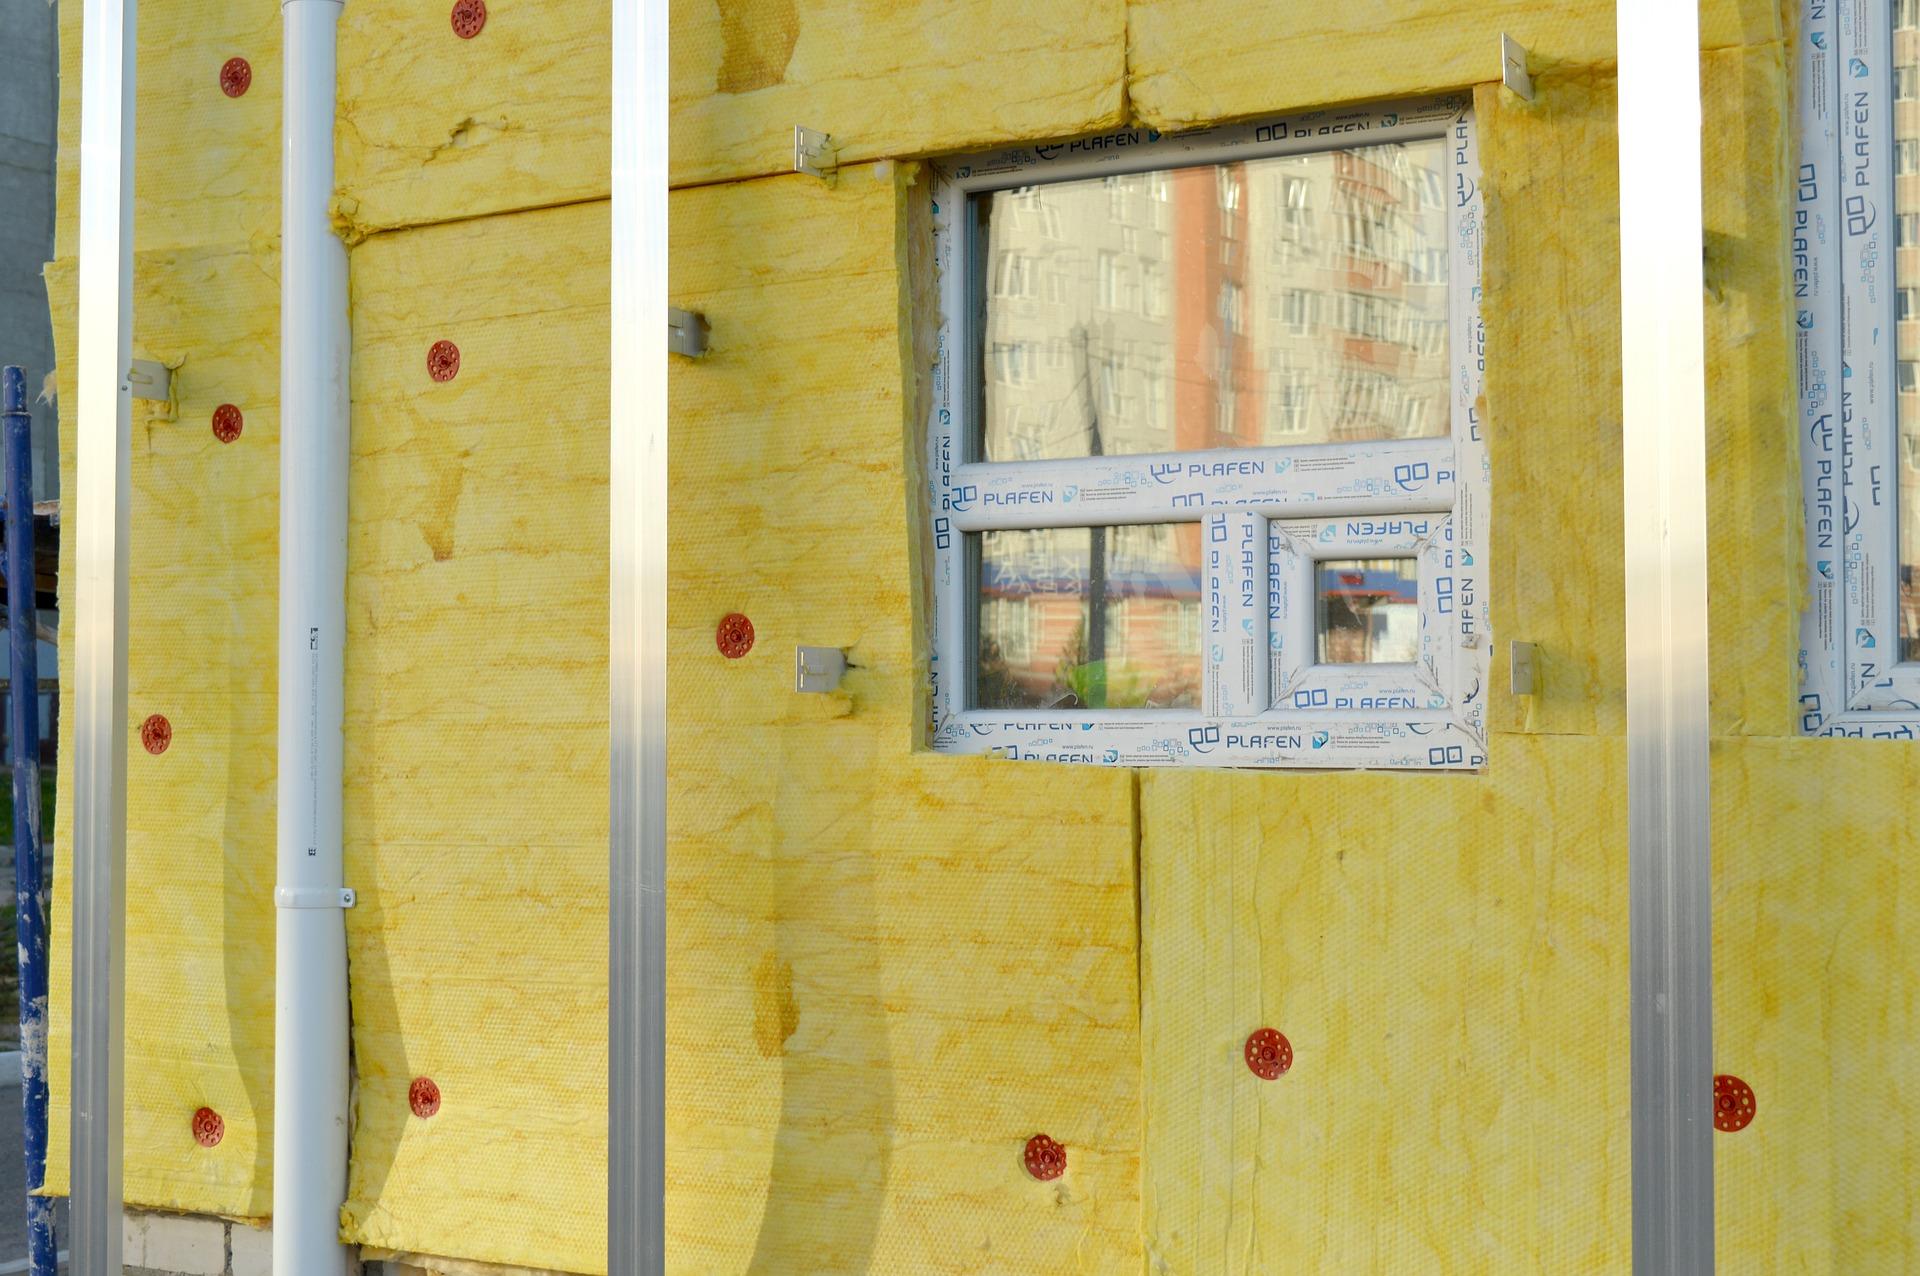 Isoler dit hus med et billigt lån og spar mange penge på varmen